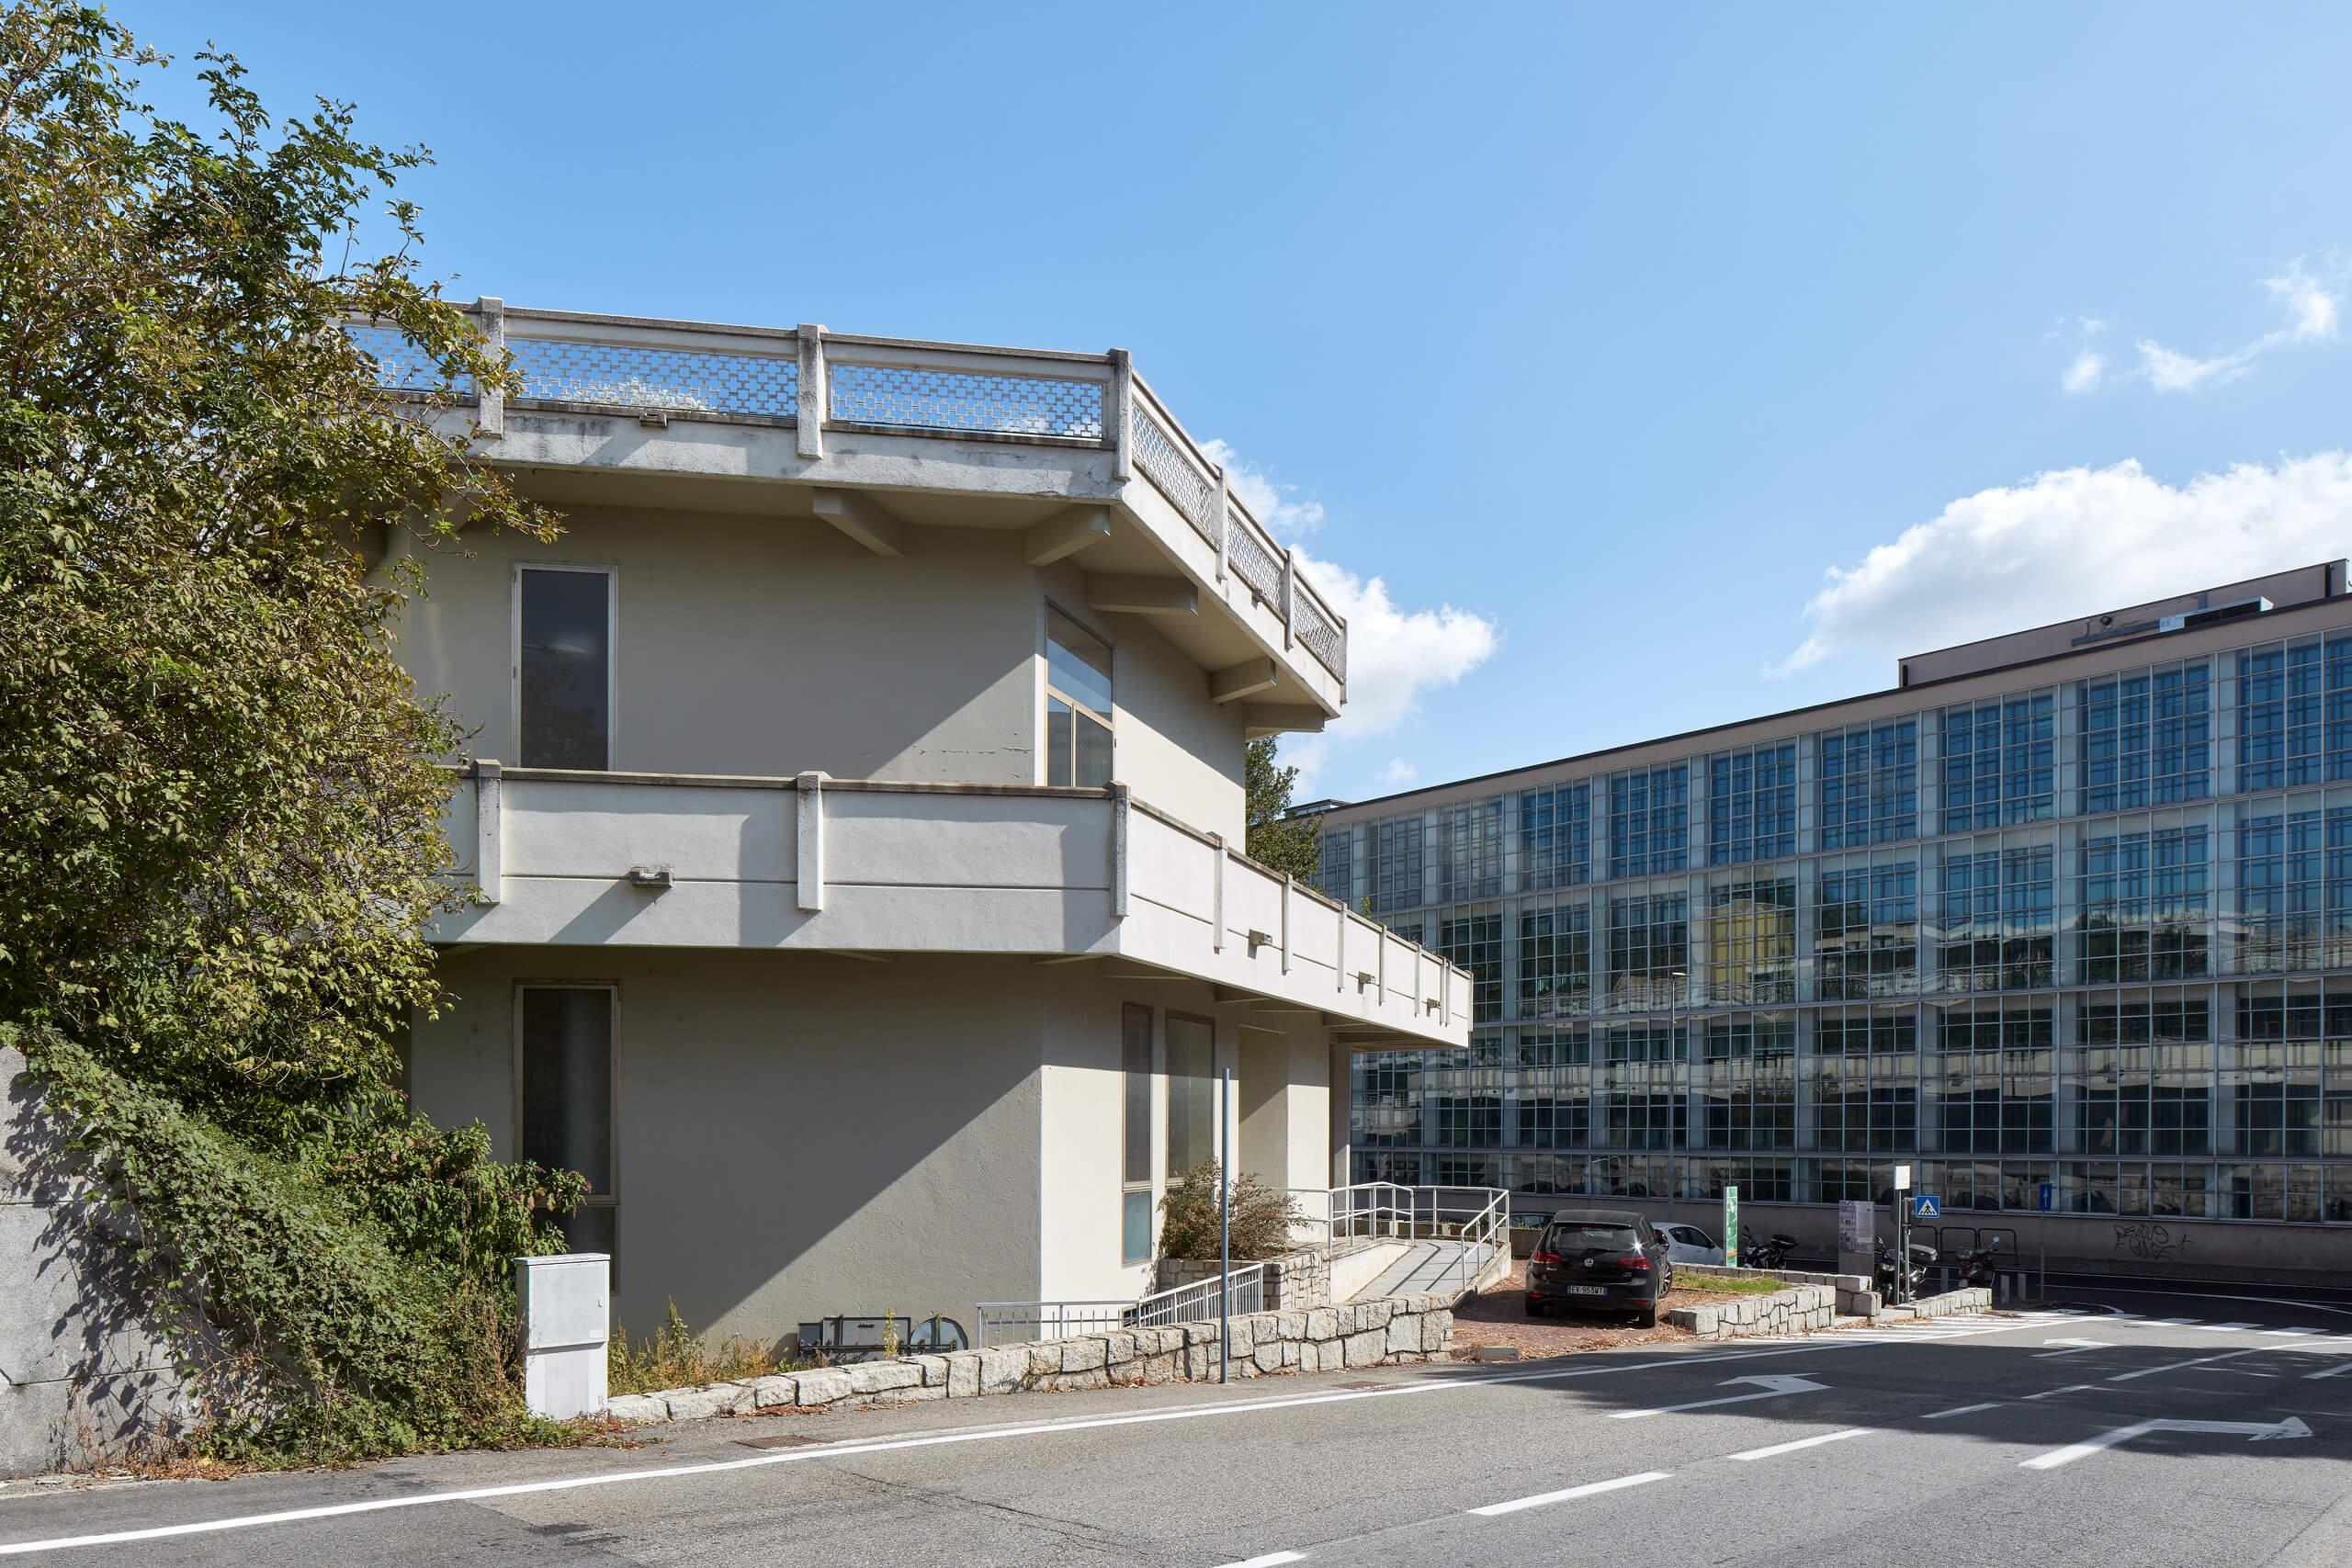 Centro dei Servizi Sociali – Luigi Figini e Gino Pollini (1955-1959) – Ivrea – Italy